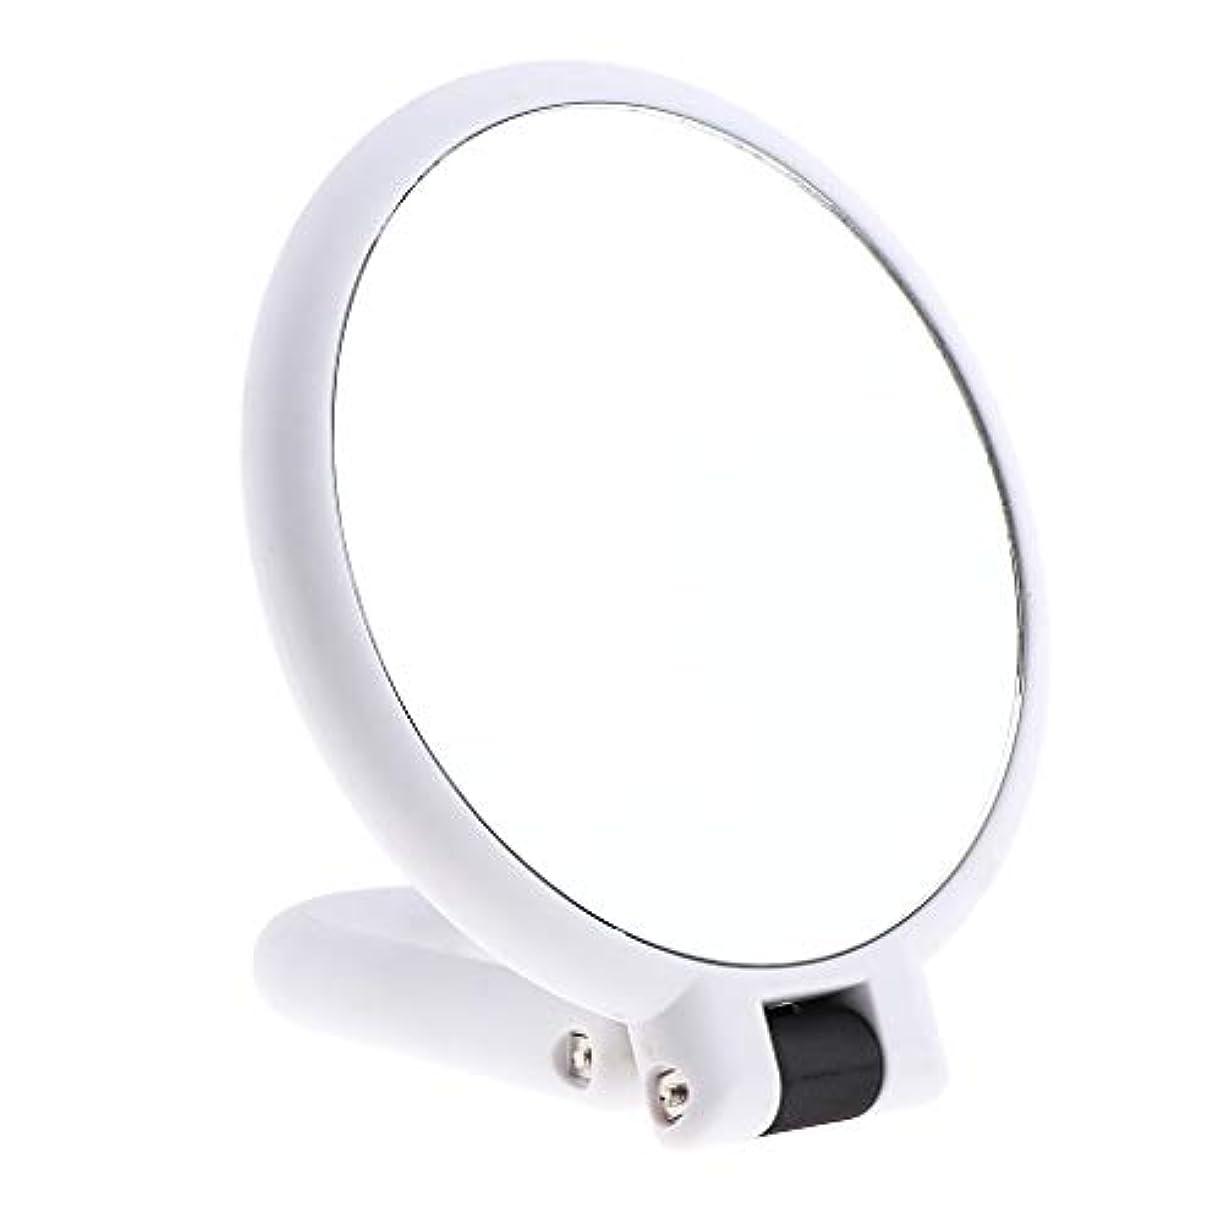 知らせる儀式対応する両面化粧鏡 拡大鏡 ラウンド メイクアップミラー お化粧 ホワイト 5仕様選べ - 15倍